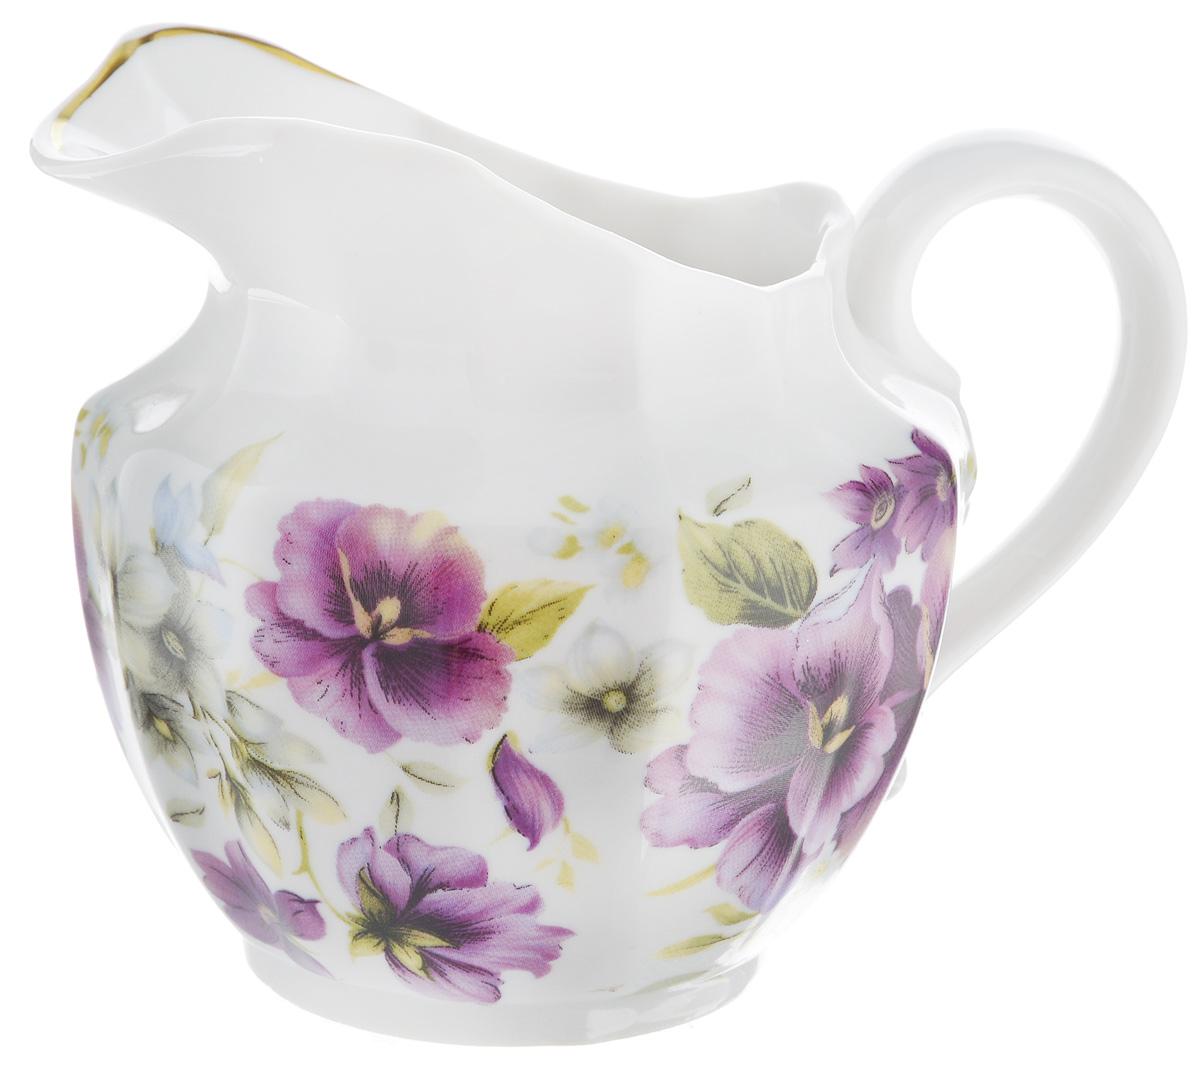 Сливочник Фарфор Вербилок Фиалки, 350 мл7983154Сливочник Фарфор Вербилок Фиалки выполнен из высококачественного фарфора и декорирован рисунком с изображением цветов. Это изделие предназначено для того, чтобы красиво и аппетитно подавать на стол сливки или молоко к чаю, кофе, супу или фруктам. Размер сливочника (по верхнему краю): 9 х 7 см. Высота сливочника: 10 см.